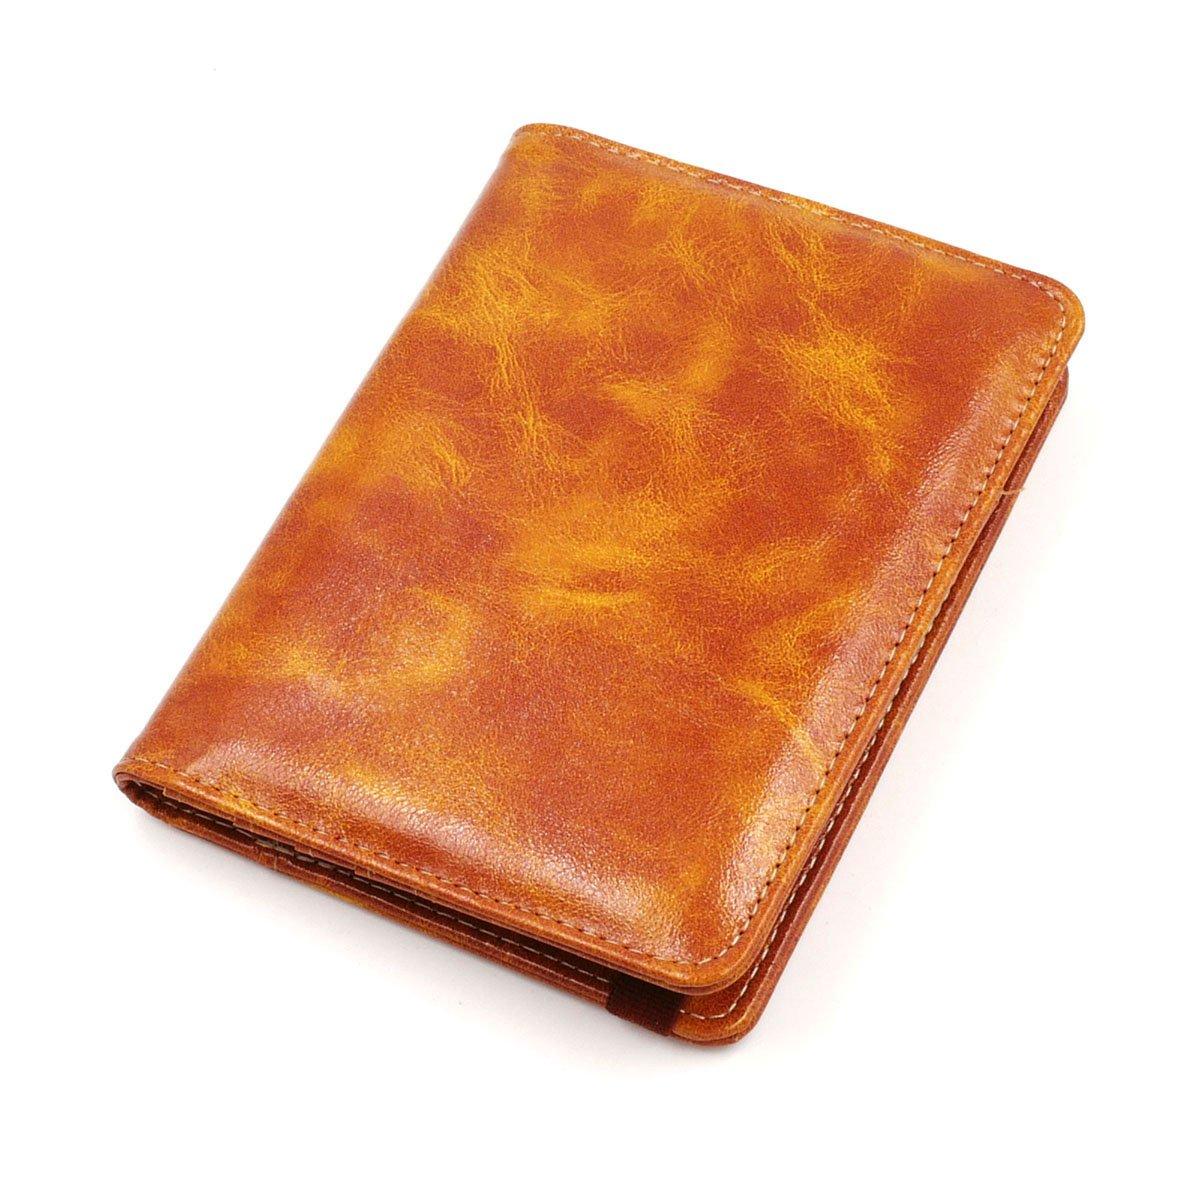 Kandouren RFID Blocking Passport Holder Cover Case, travel luggage passport wallet made with PU Leather, Card holder Green Van gogh Flower travel luggage passport wallet made with PU Leather for Men & Women